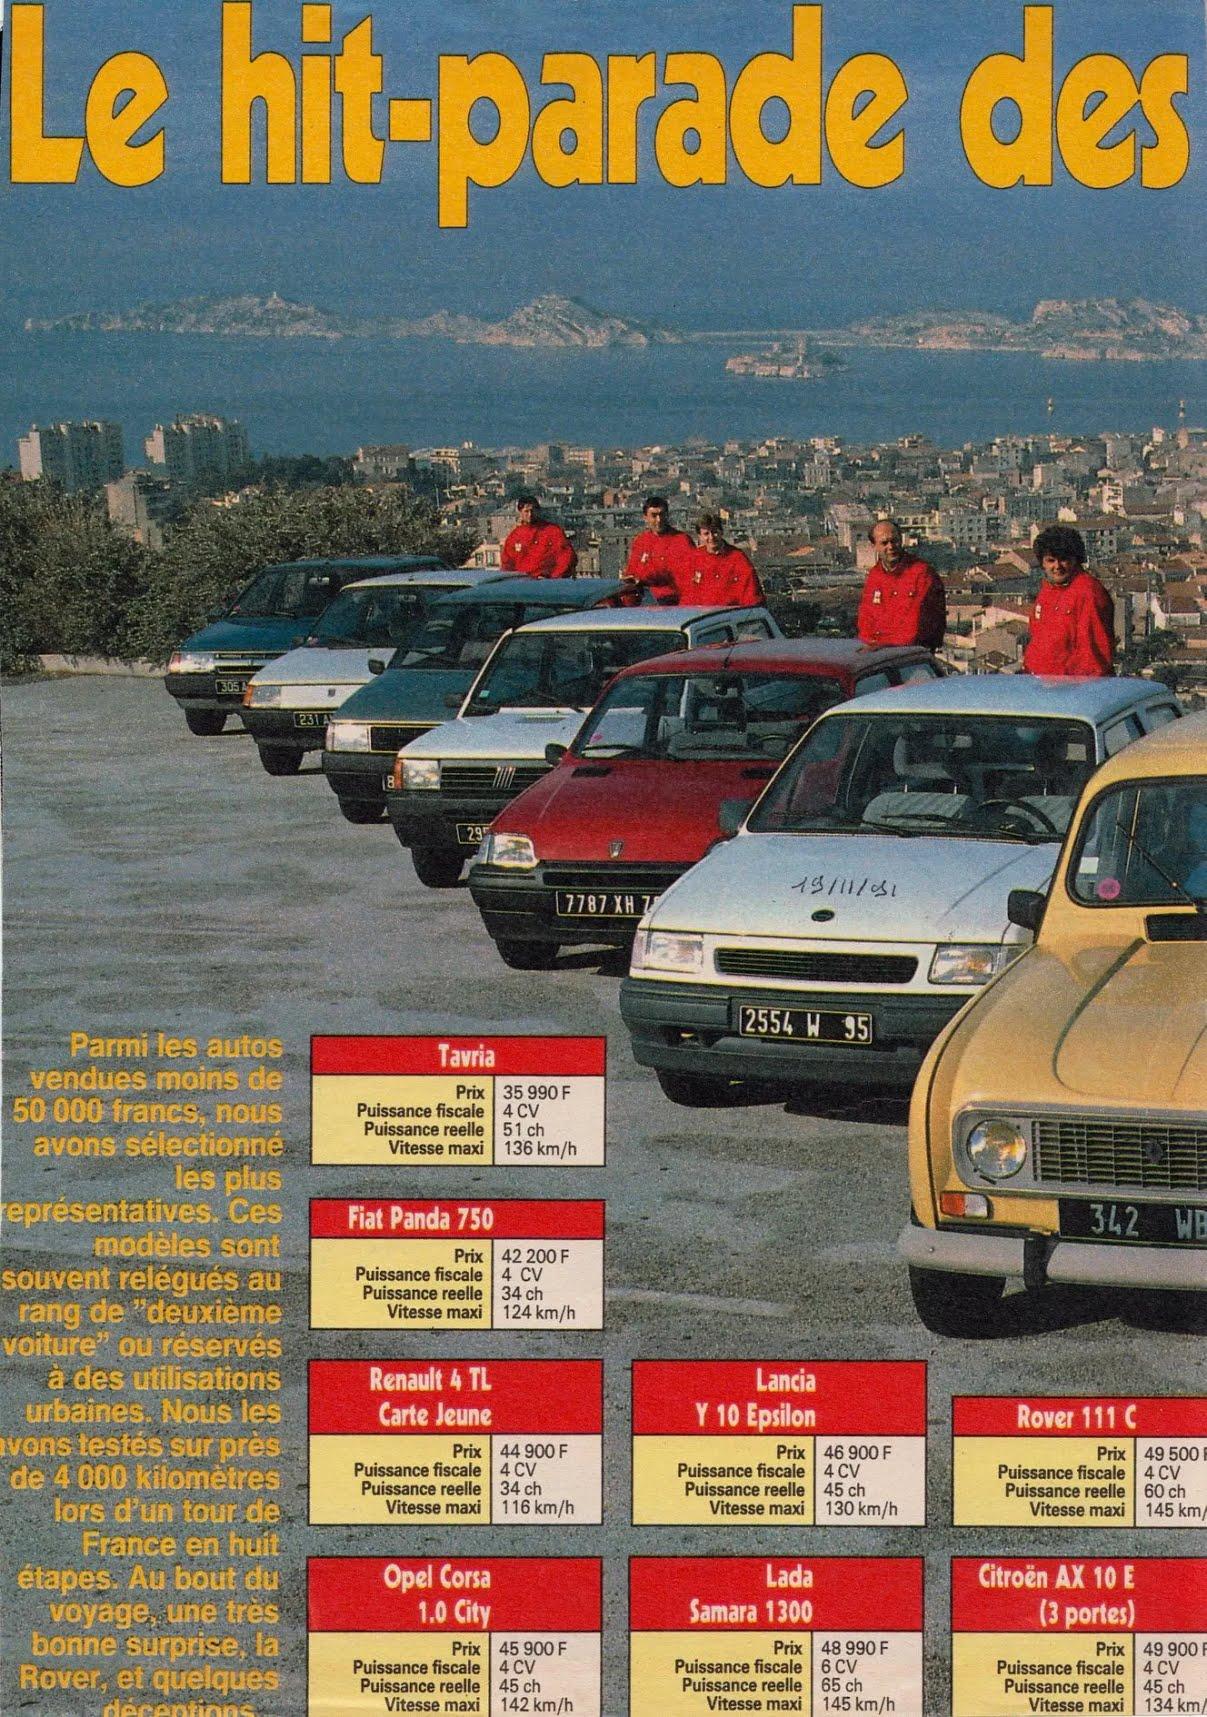 Сравнительный тест бюджетных авто во Франции (Таврия - вторая с конца)